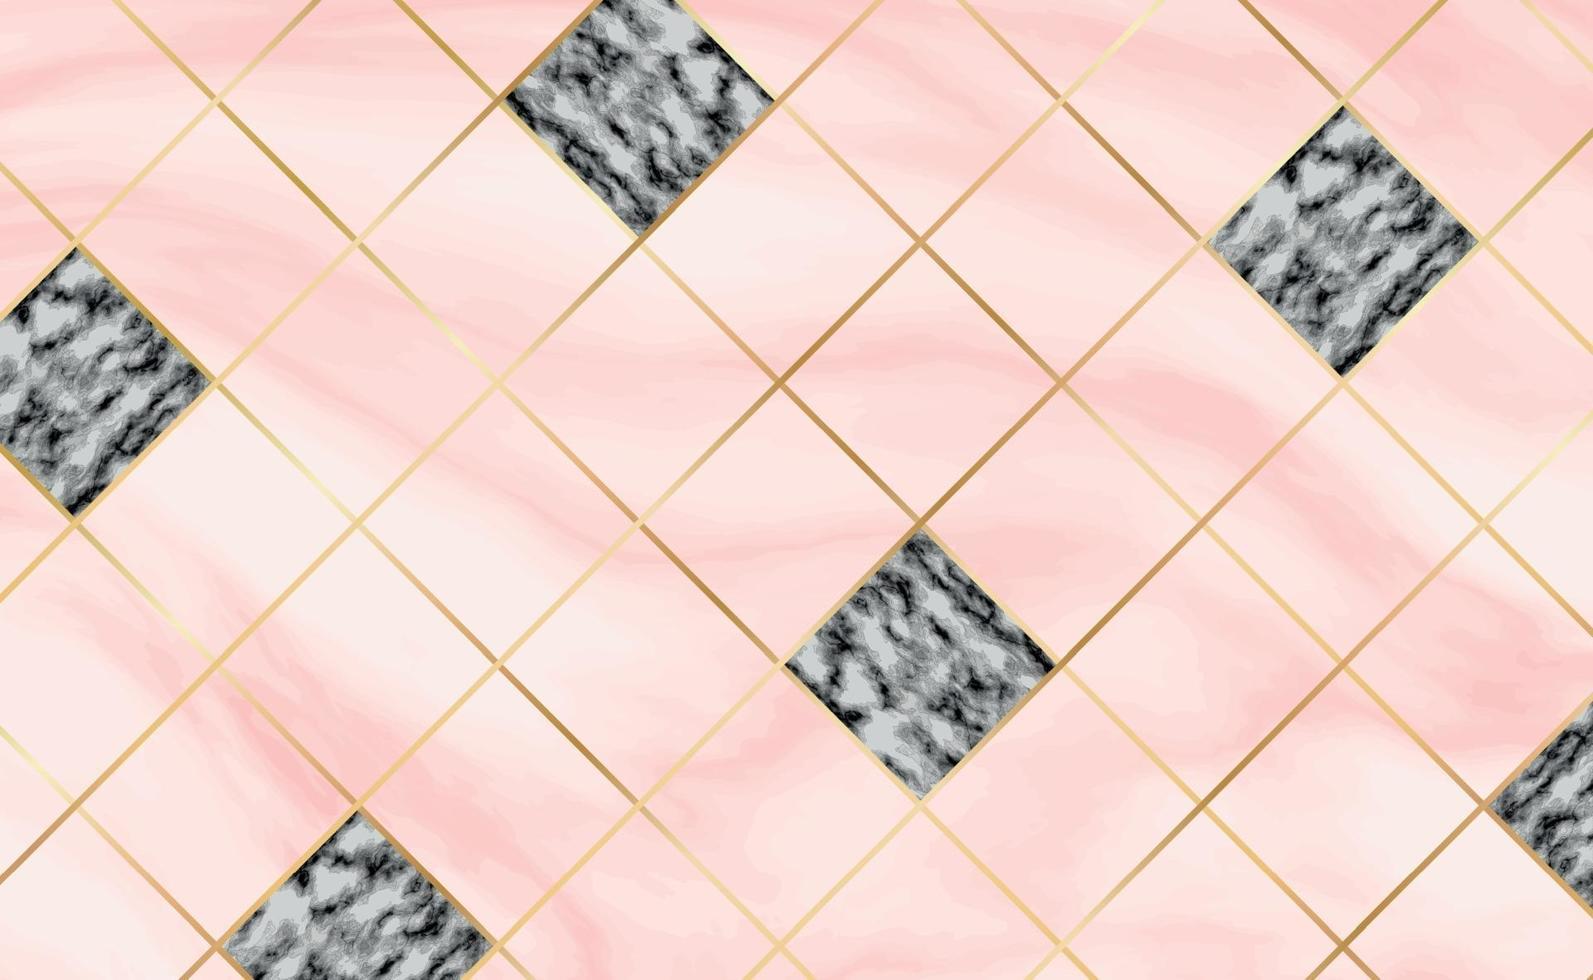 carreaux de pierre, texture blanche avec fond de marbre rouge, lignes dorées - vecteur